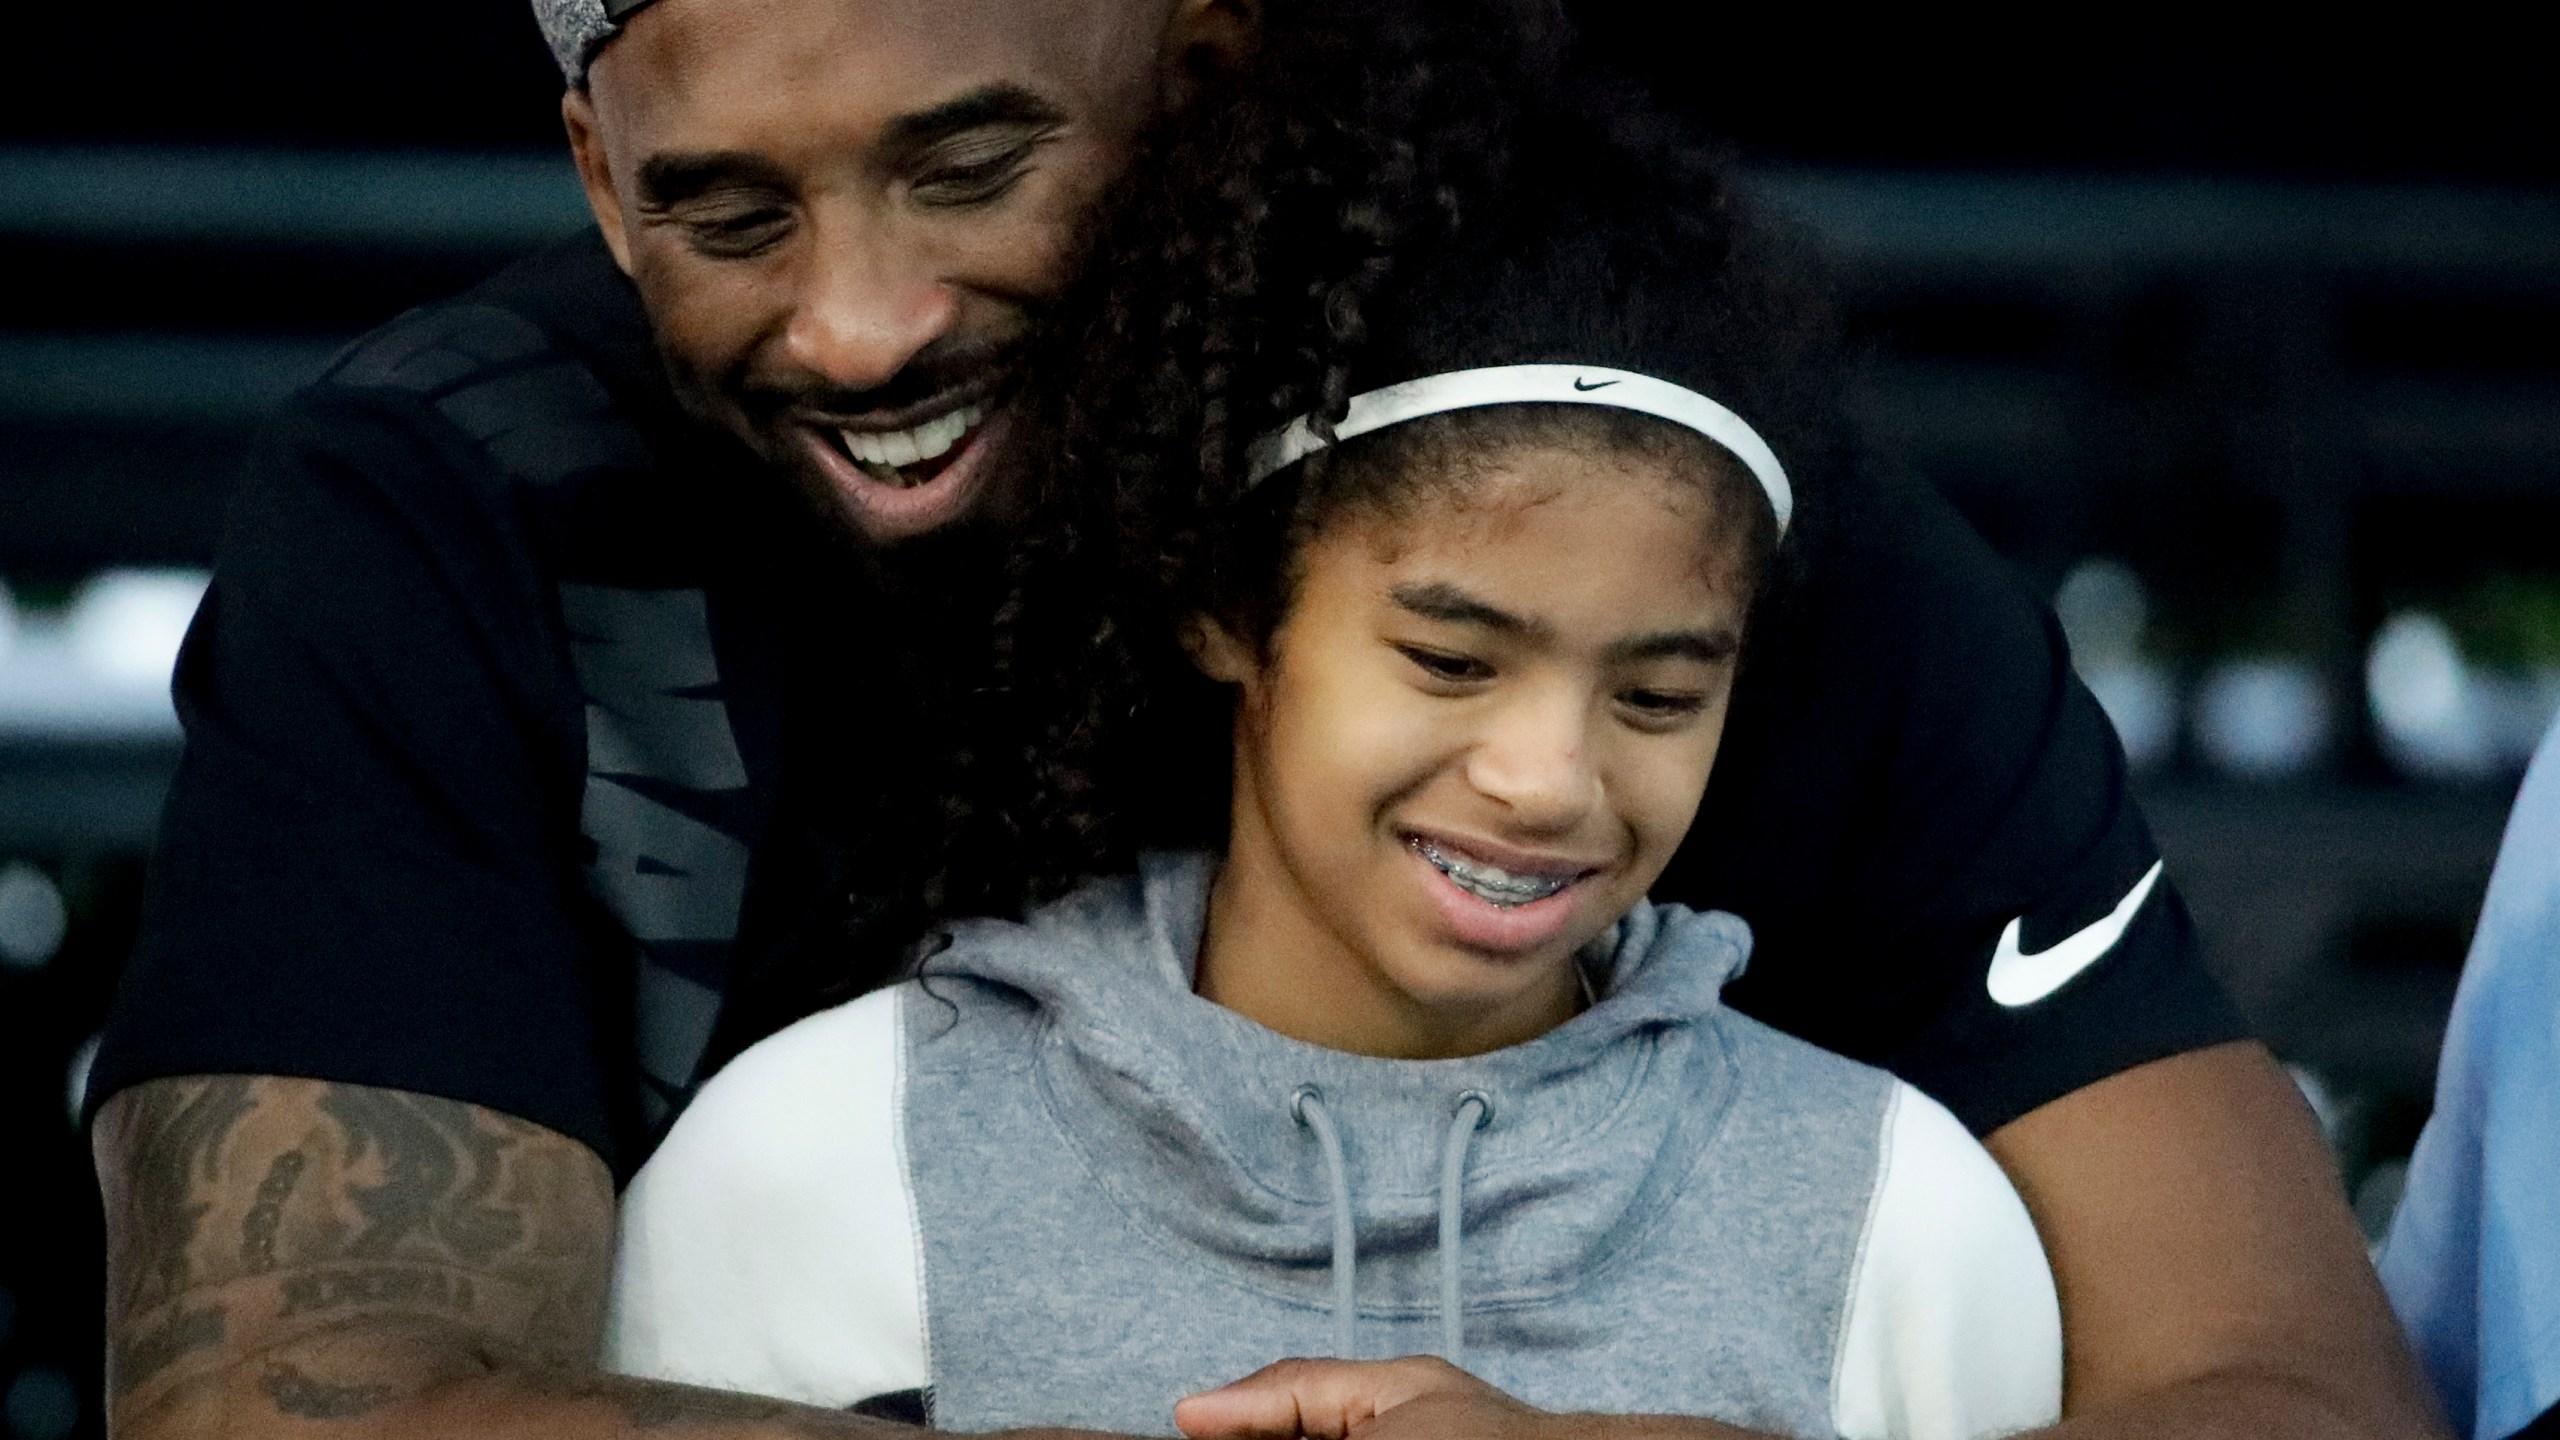 Kobe Bryant, Gianna Bryant